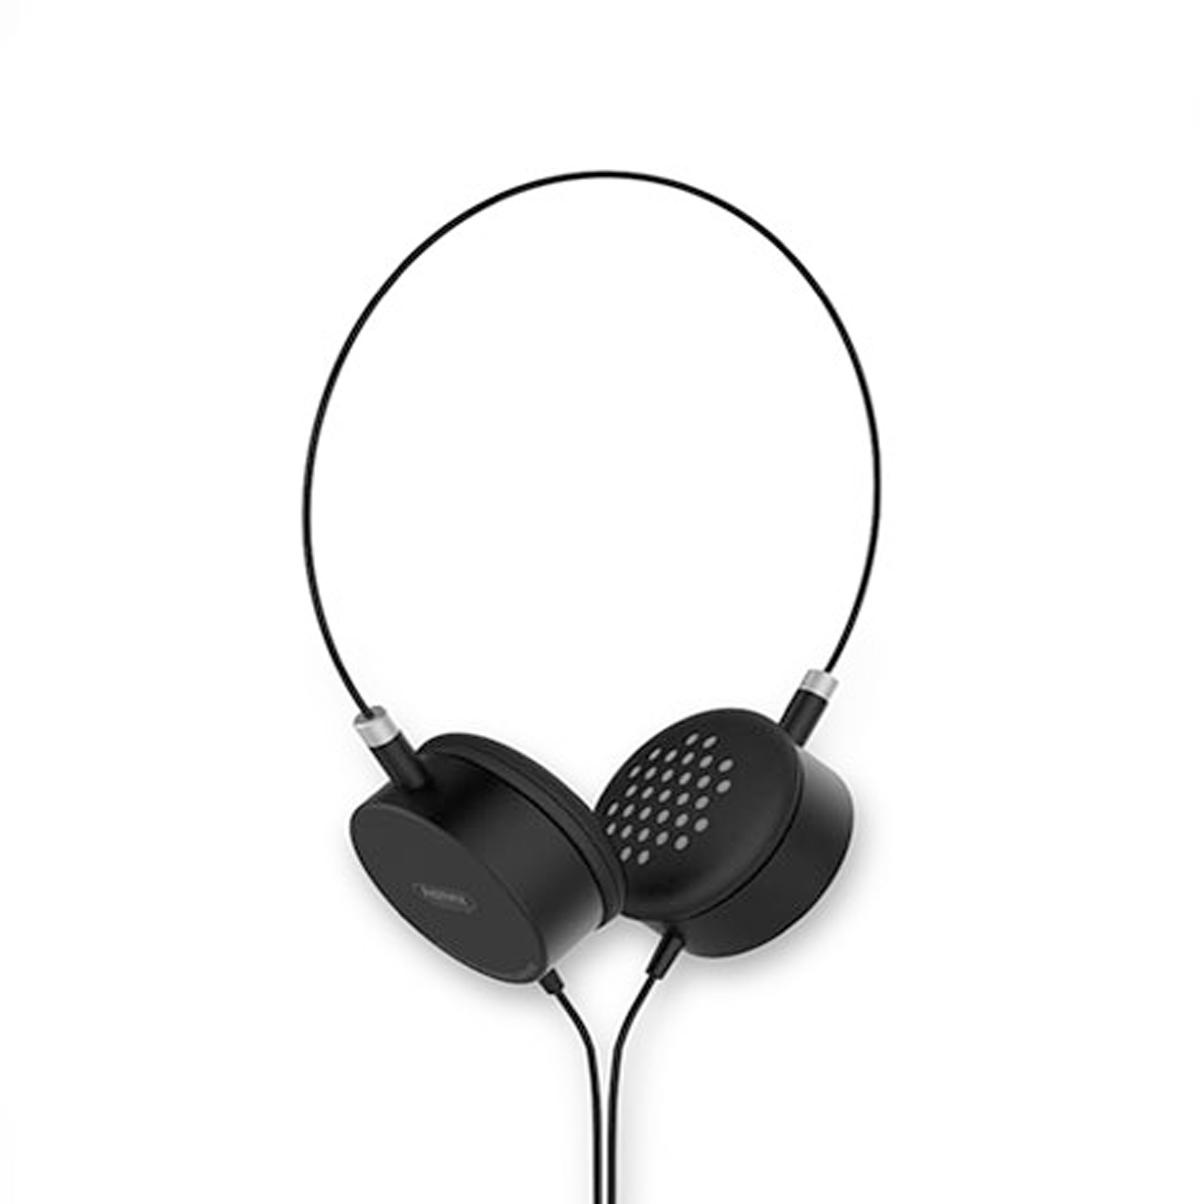 Tai Nghe Headphone Có Dây Remax RM-910 - Tặng Gía Đỡ Điện Thoại-Hàng Chính Hãng - đen